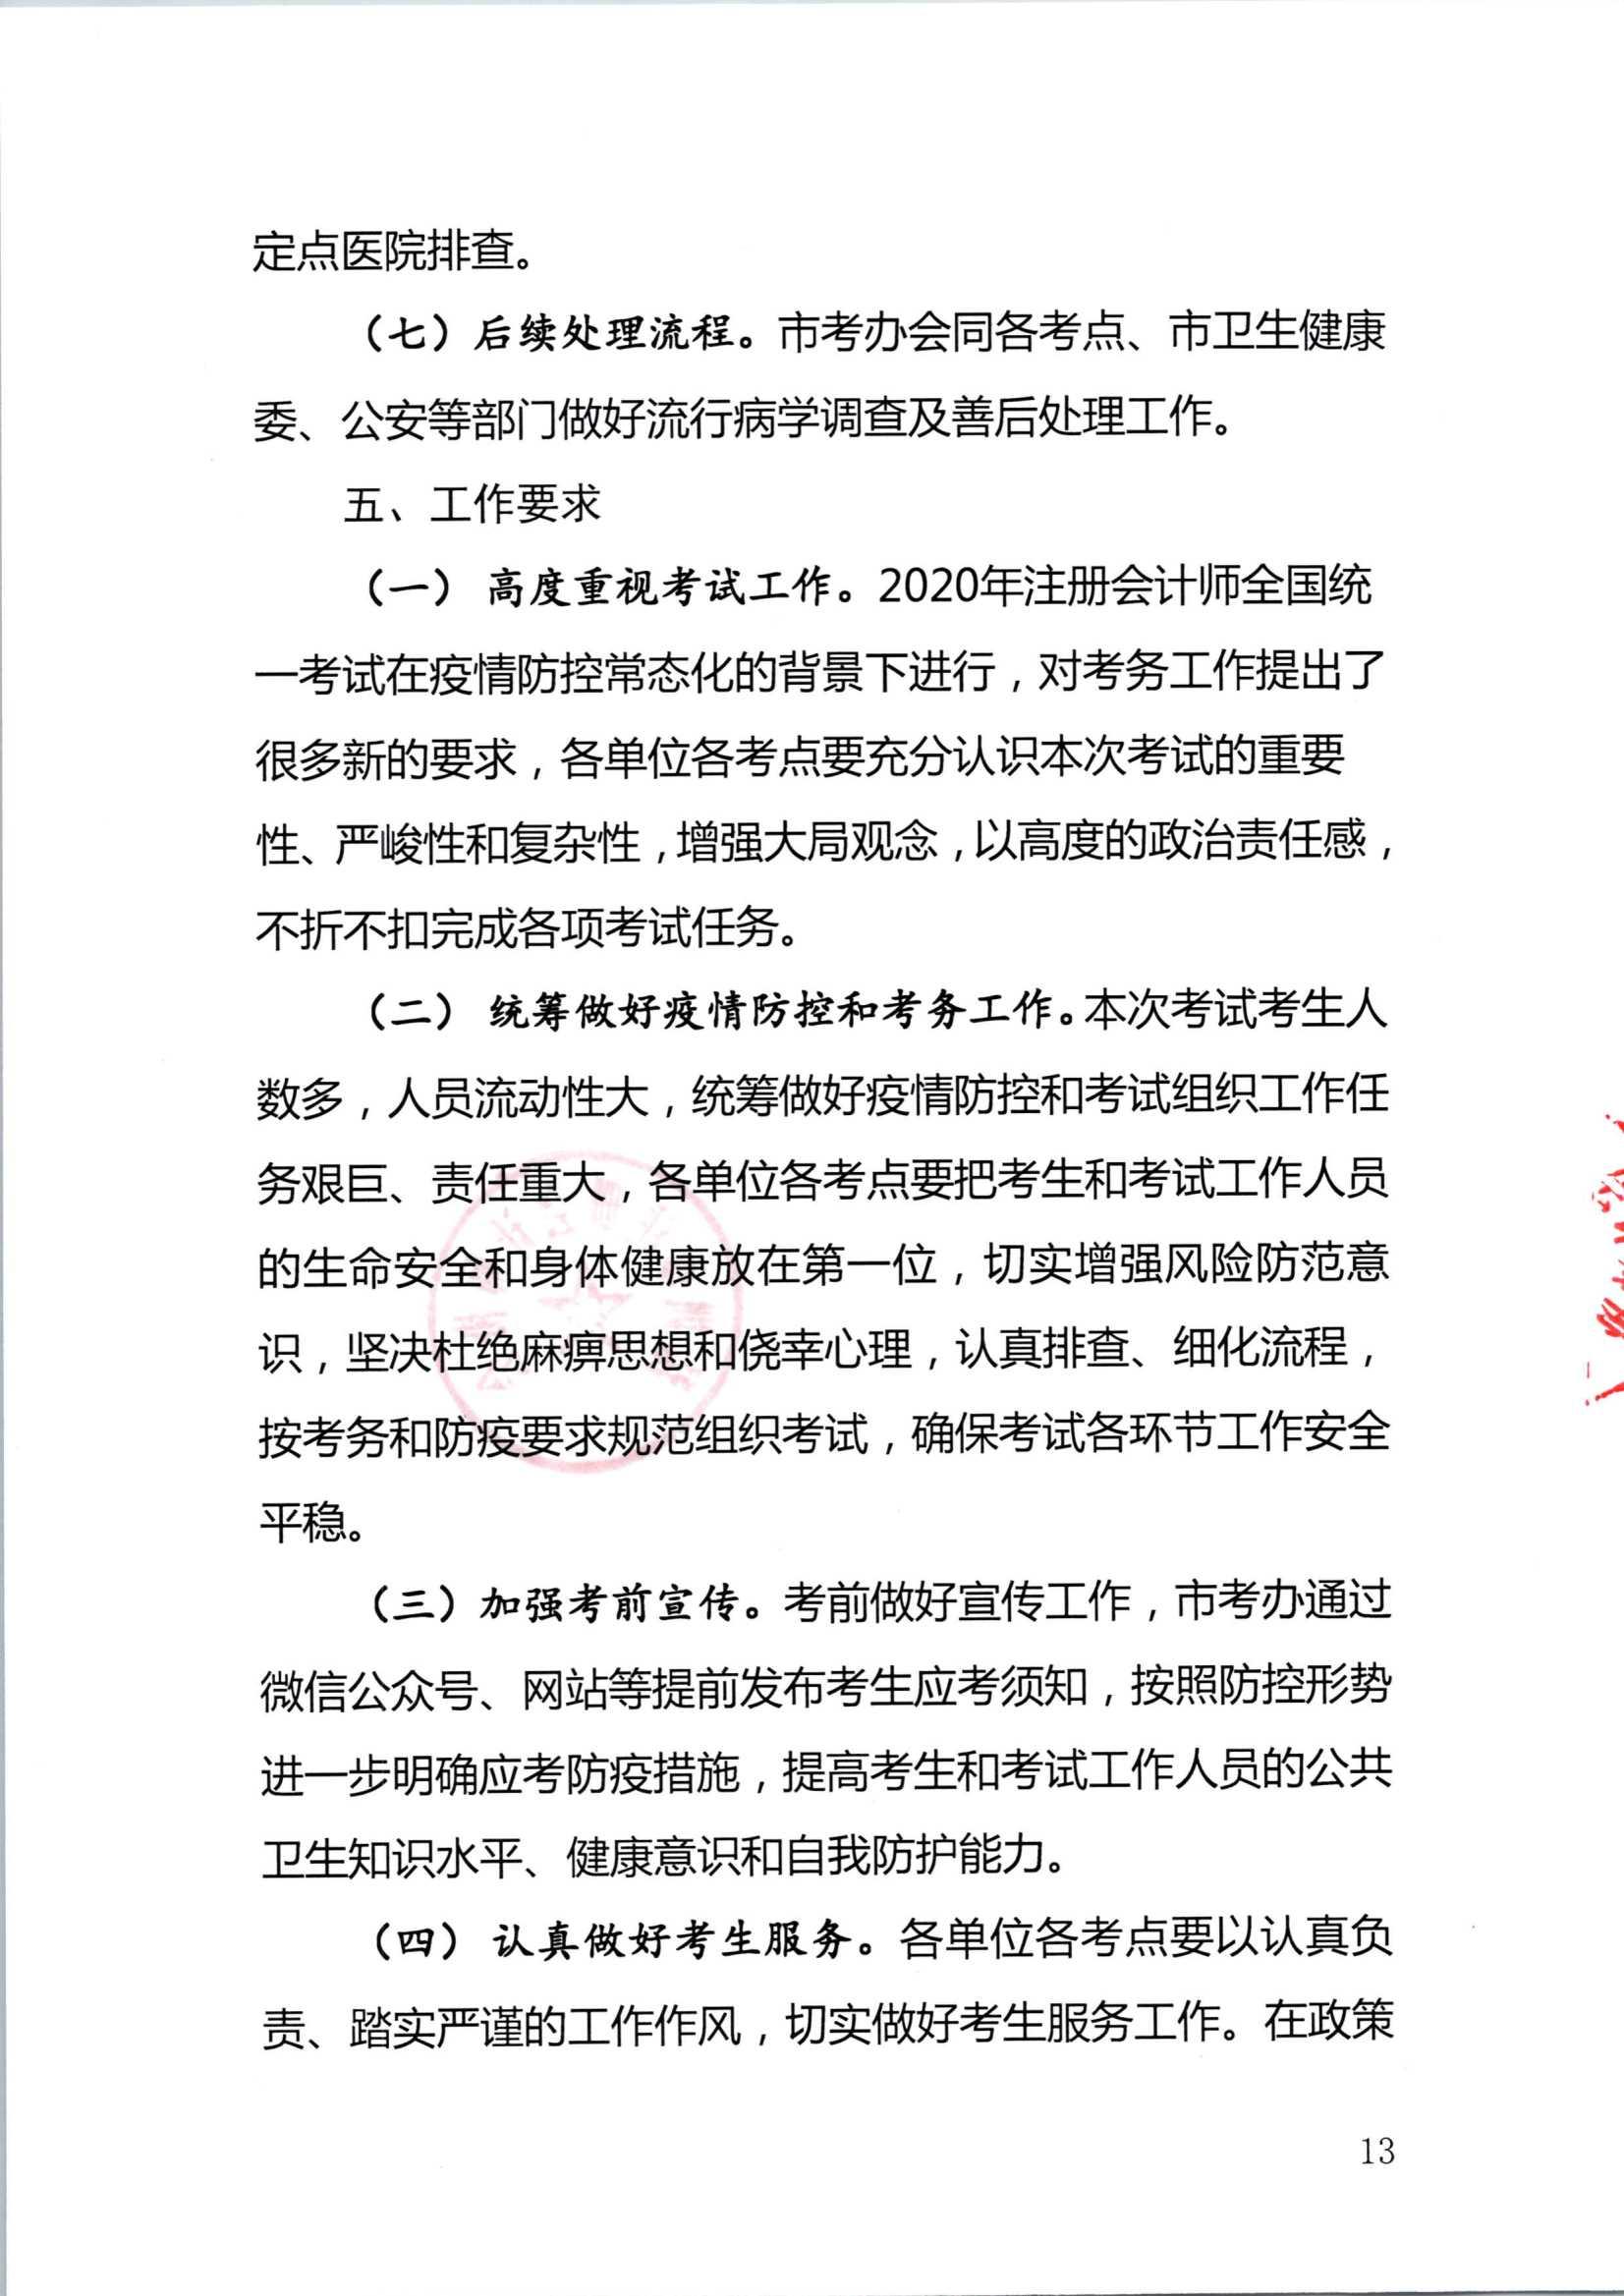 2020注册会计师全国统一考试深圳考区疫情防控工作方案_13.Png